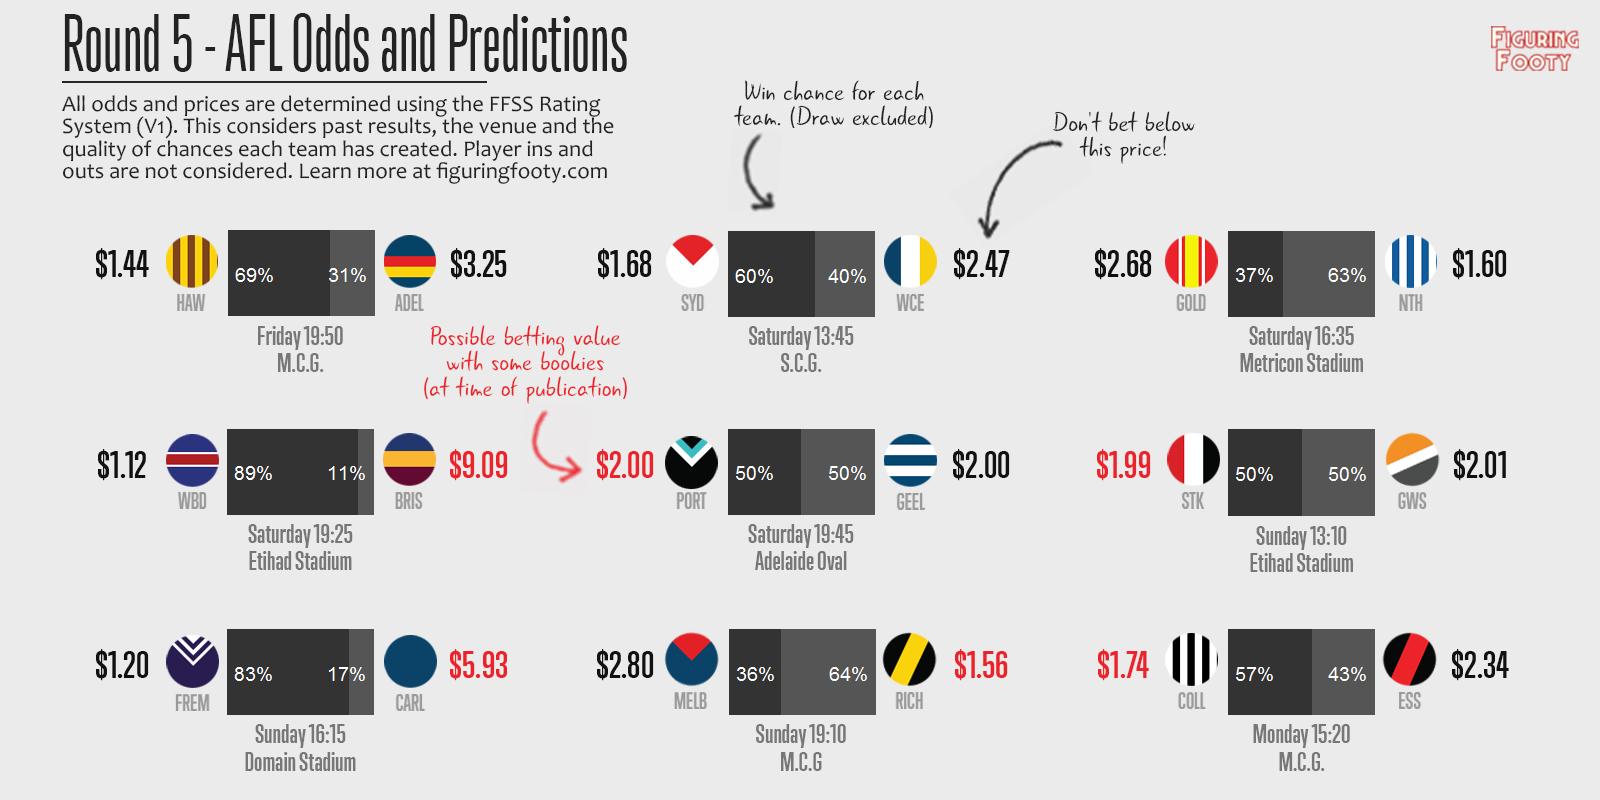 FFSS Week 4 Predictions